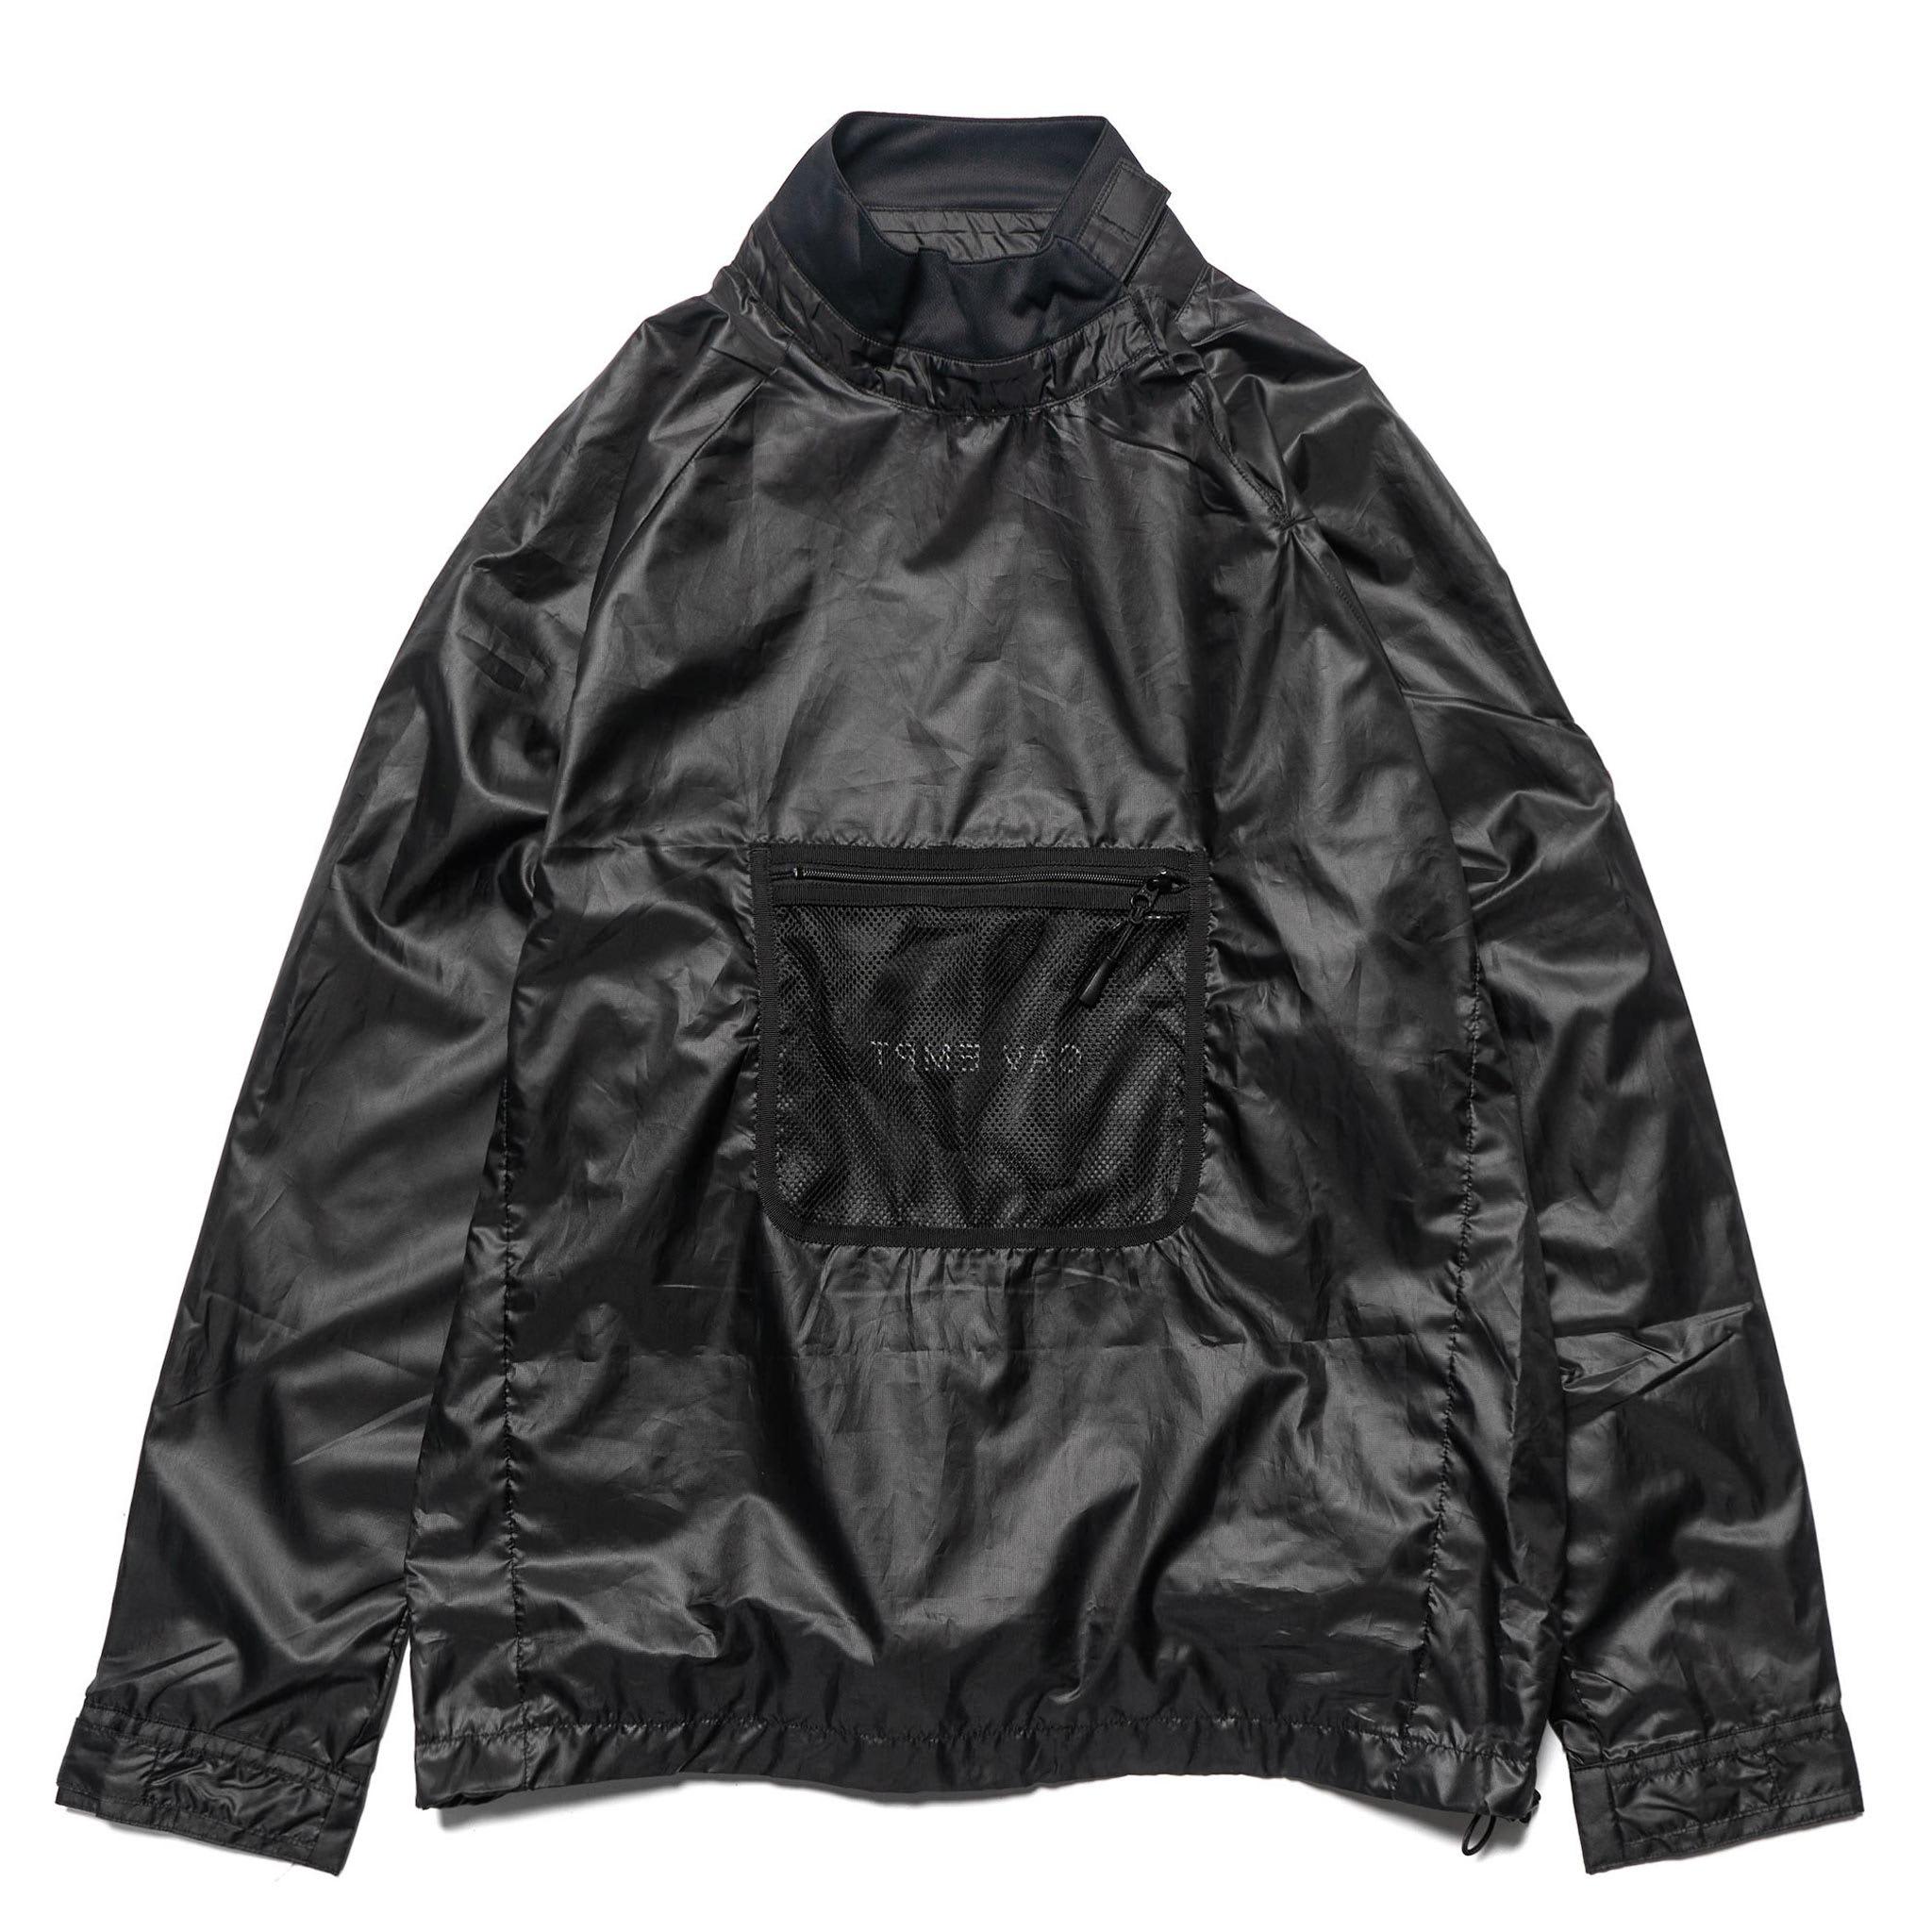 b0e3ffe8db Cav Empt Pack Pullover